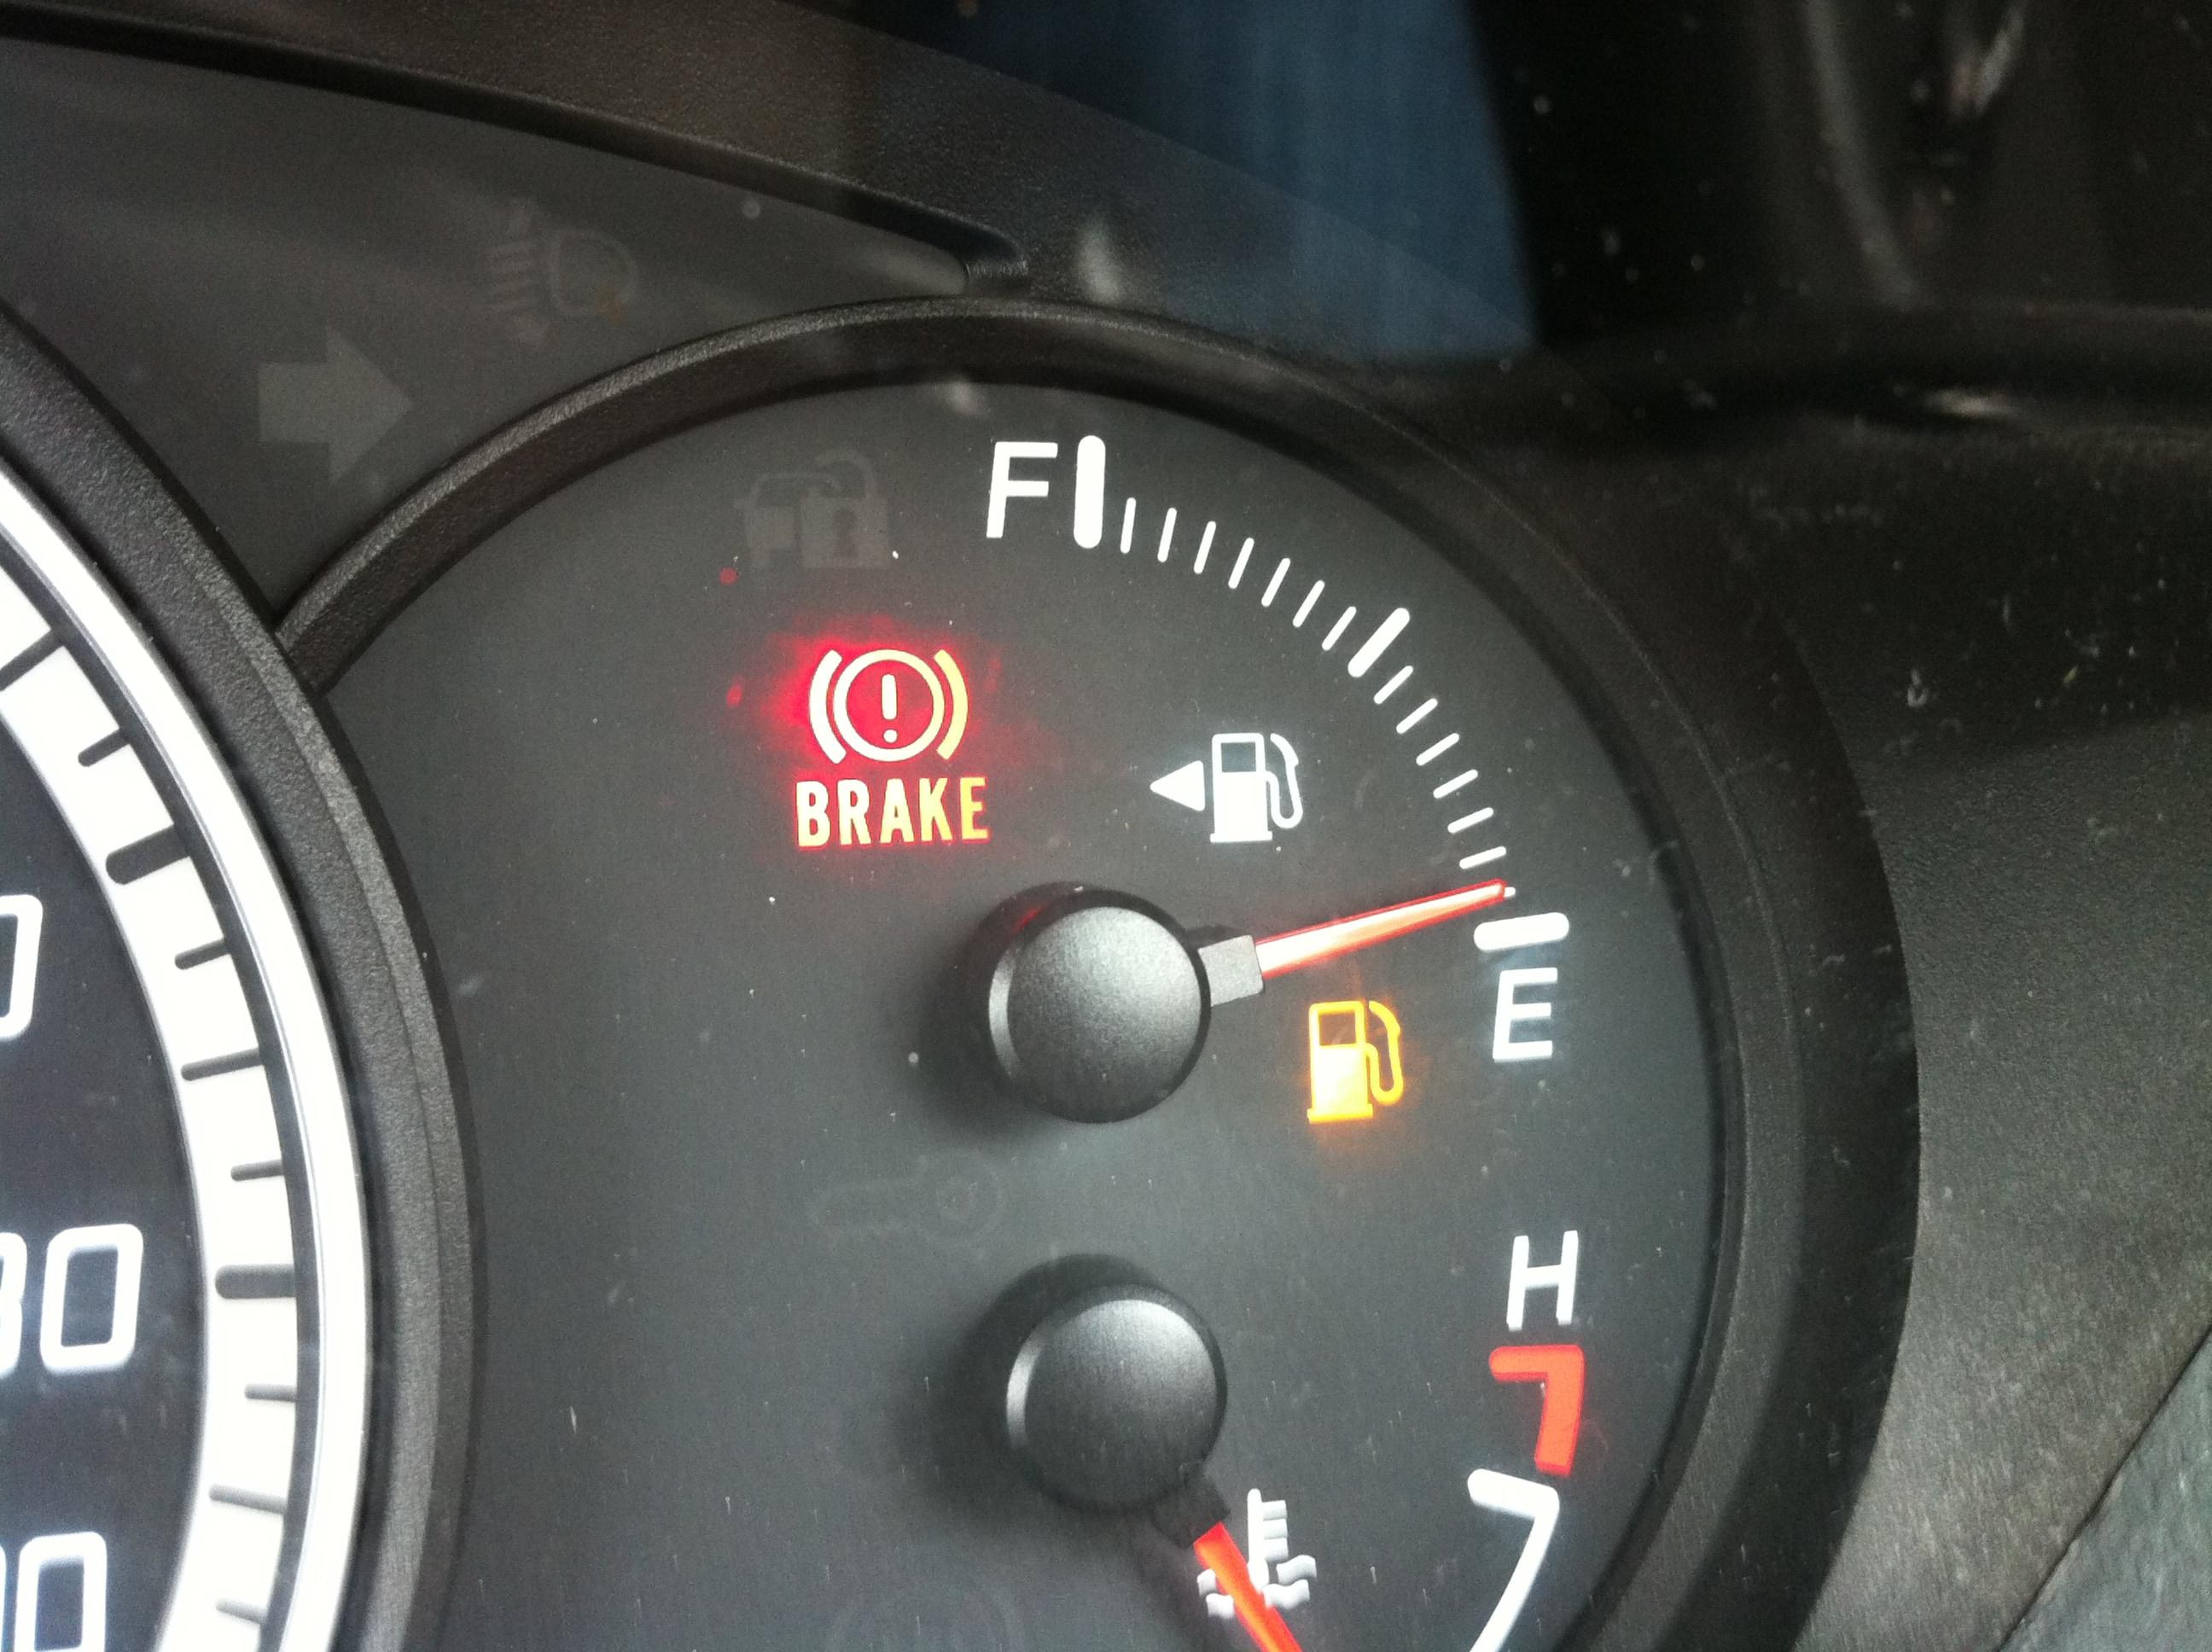 Fuel Gauge Running on Empty